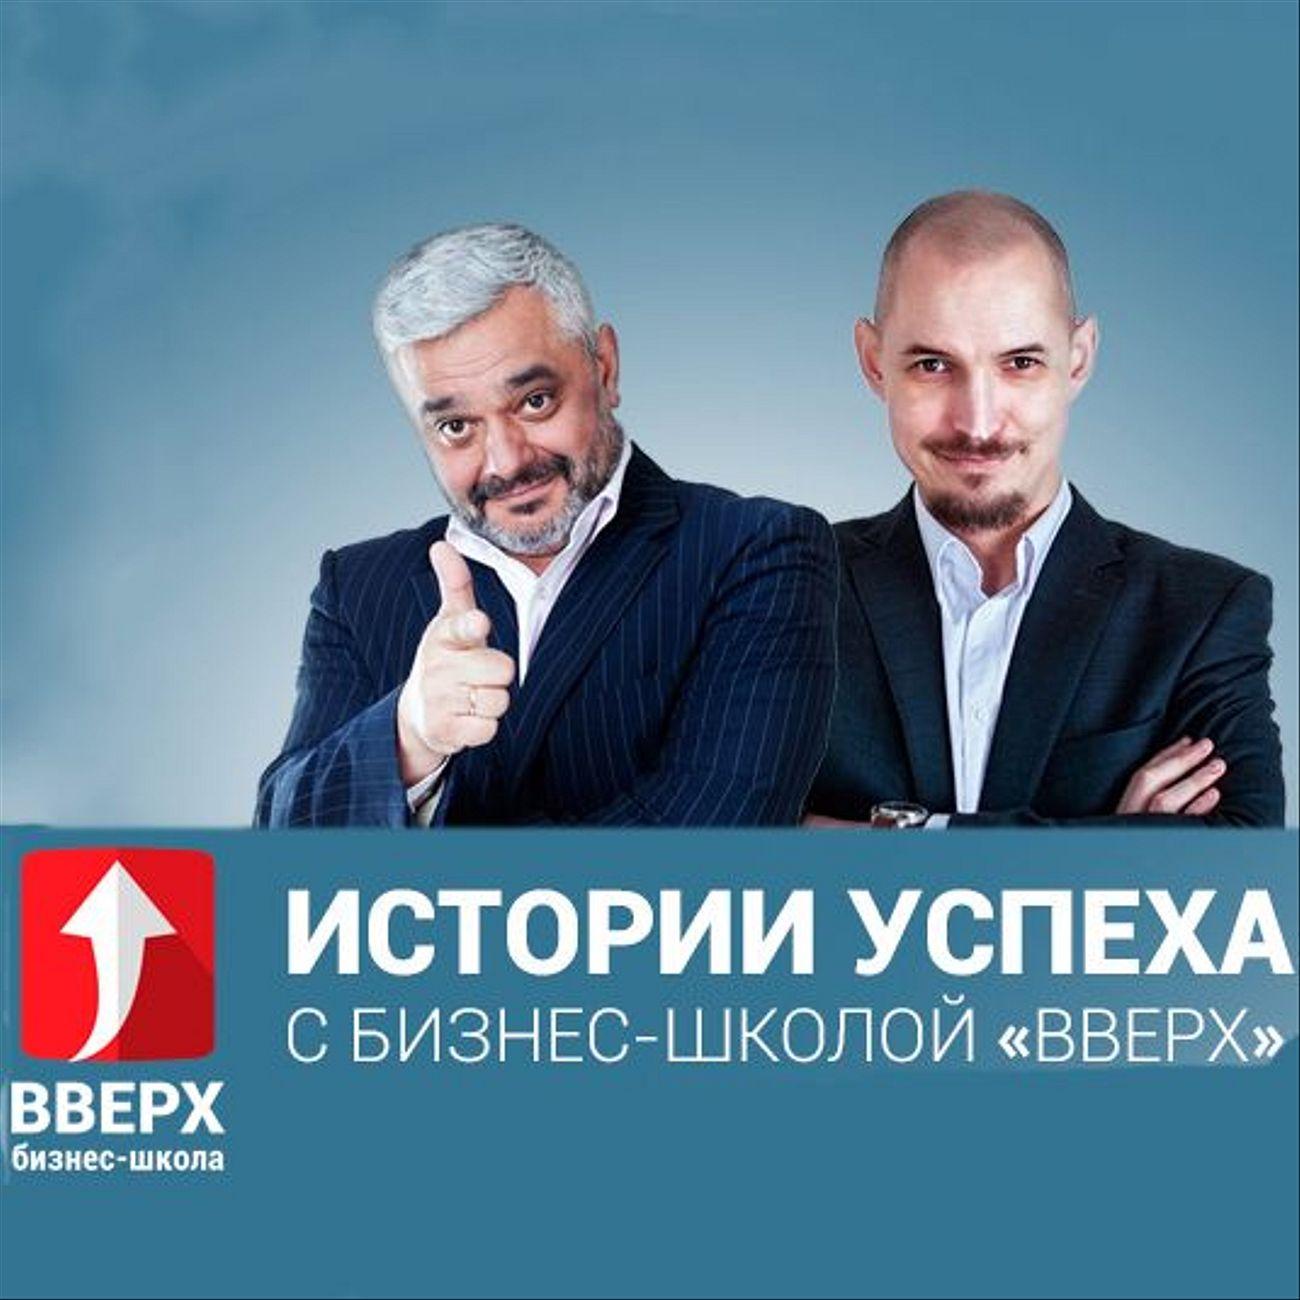 Истории успеха с Бизнес-школой ВВЕРХ